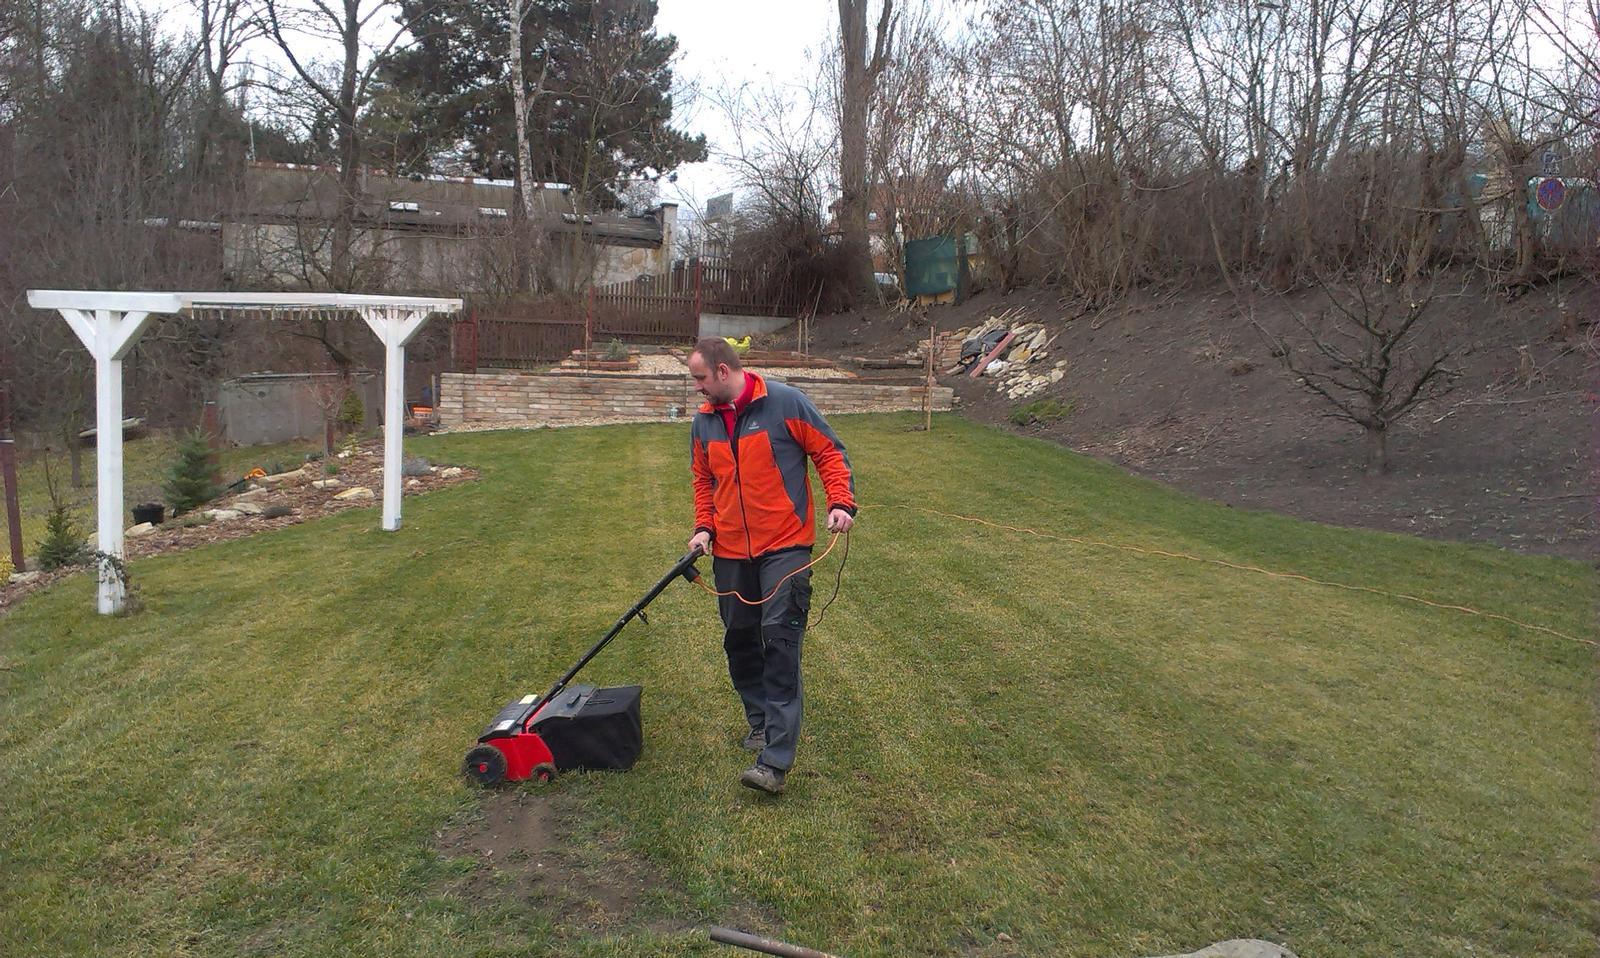 Záhrada - jarná údržba trávniku v plnom prúde